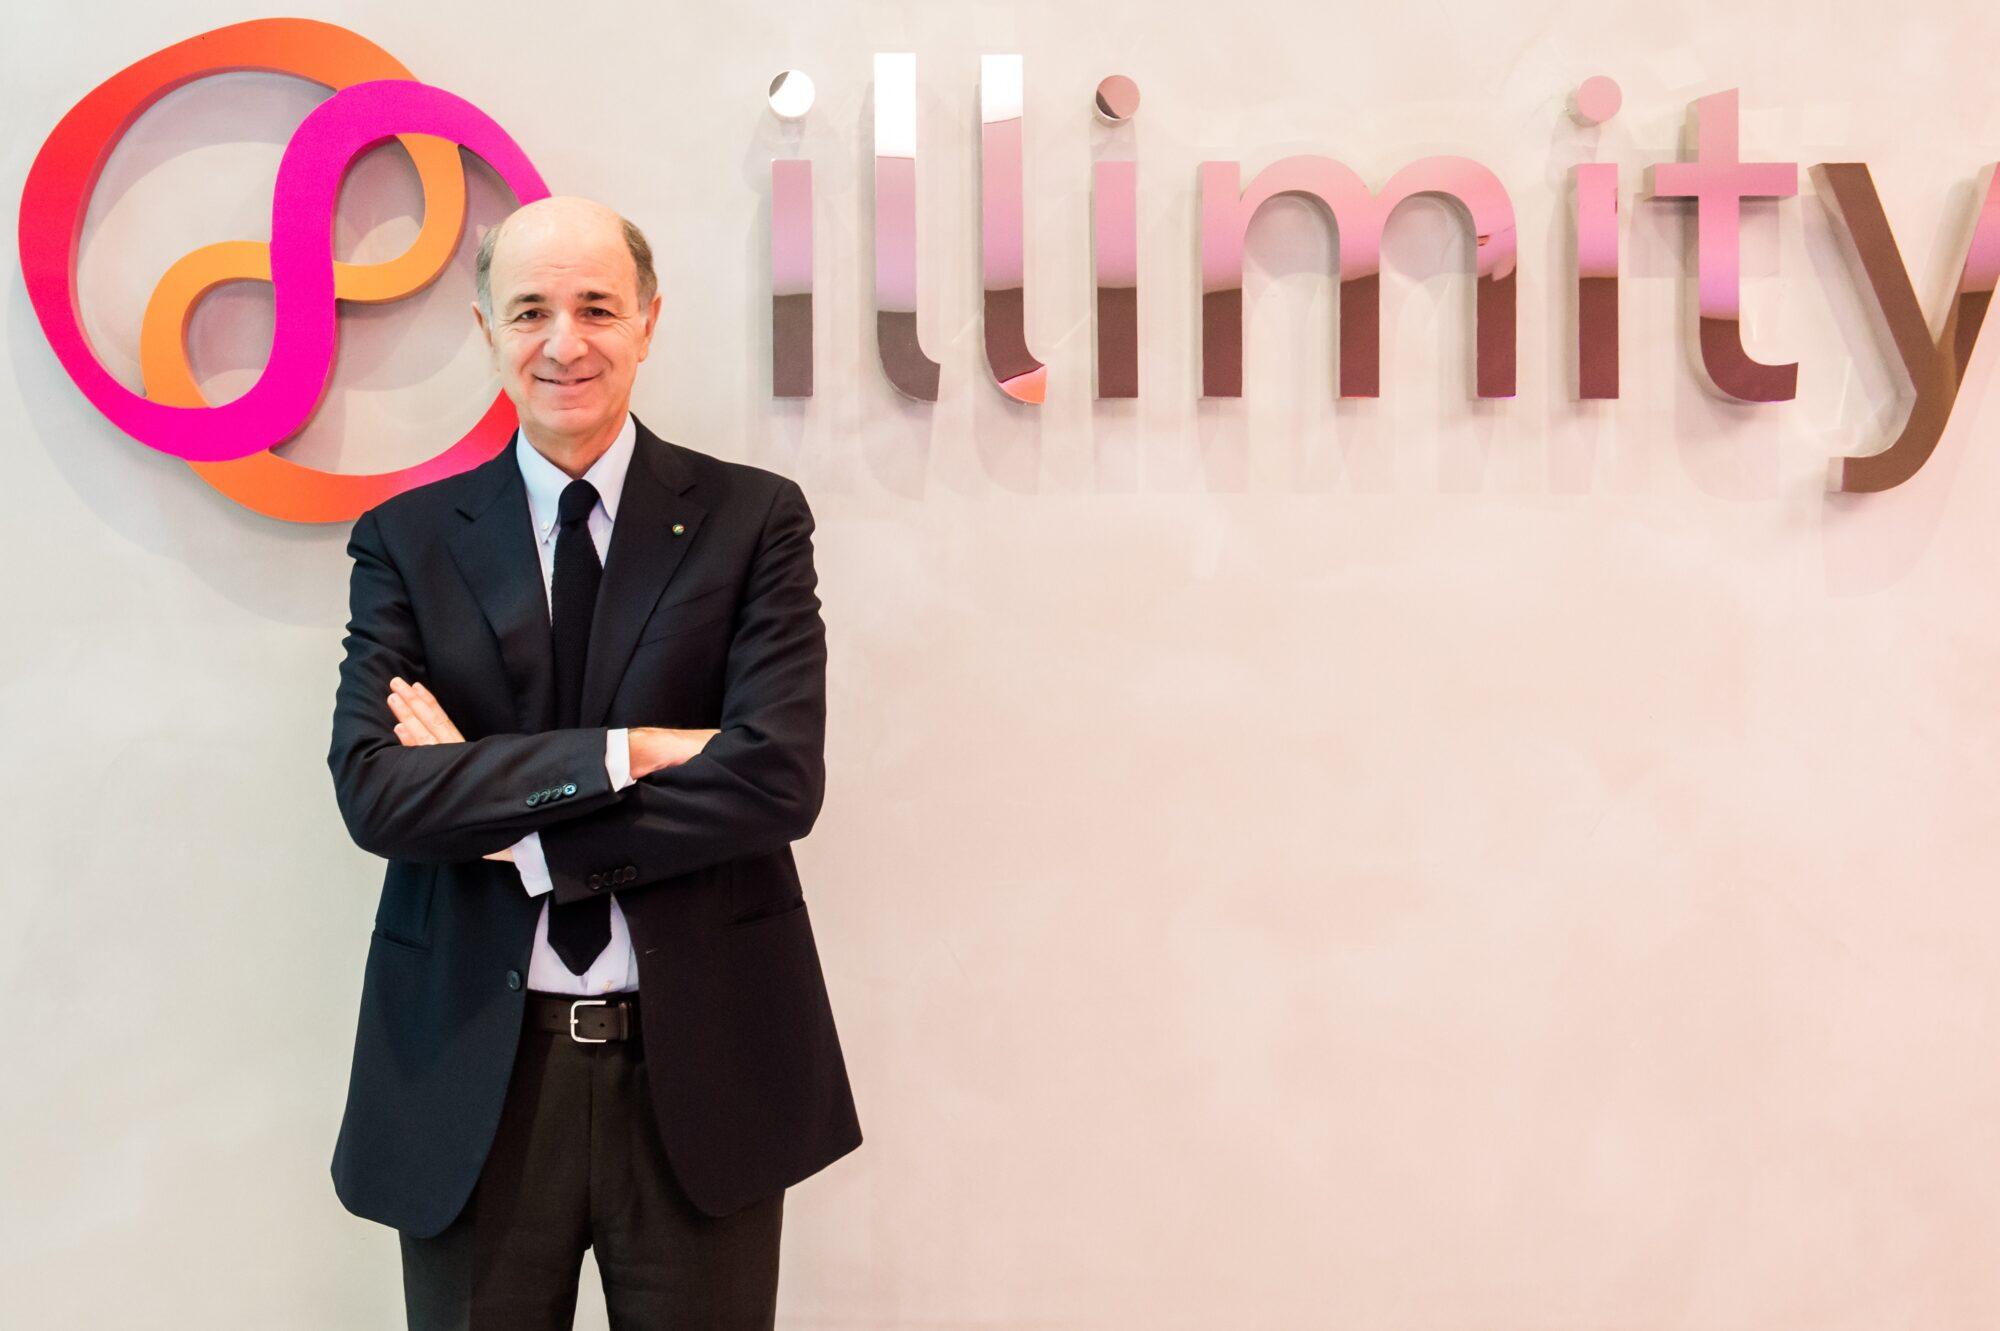 È nata Illimitybank.com, la nuova banca interamente digitale e senza costi thumbnail